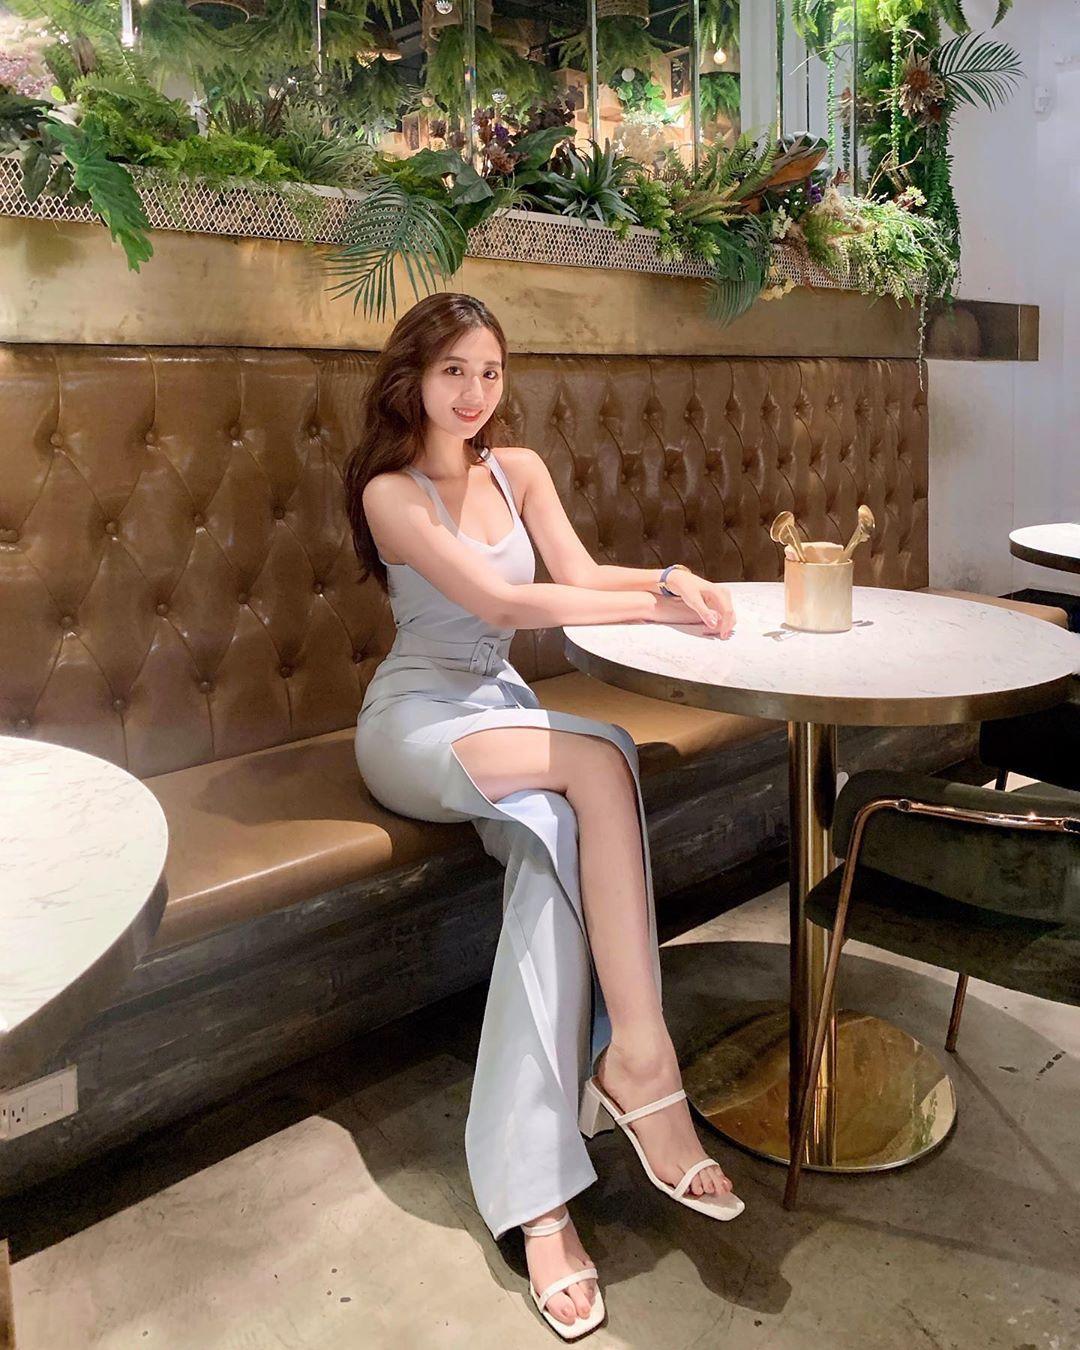 uCGqqa - IG正妹—何蓁 Chen Ho